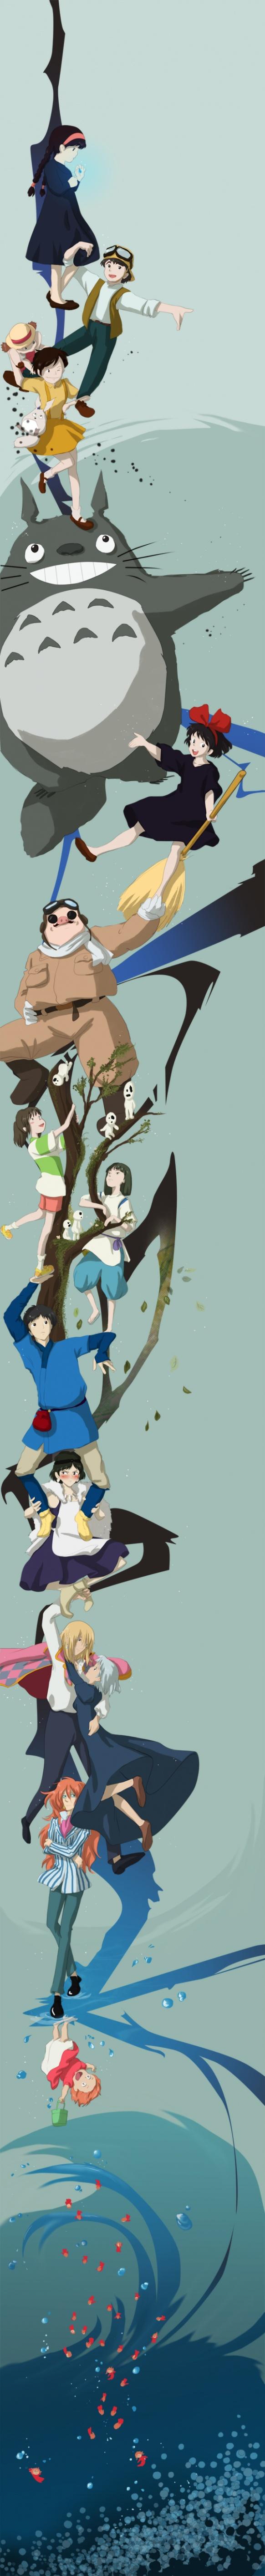 Meet my neighbor, Totoro, and friends! Studio Ghibli Characters, Japan